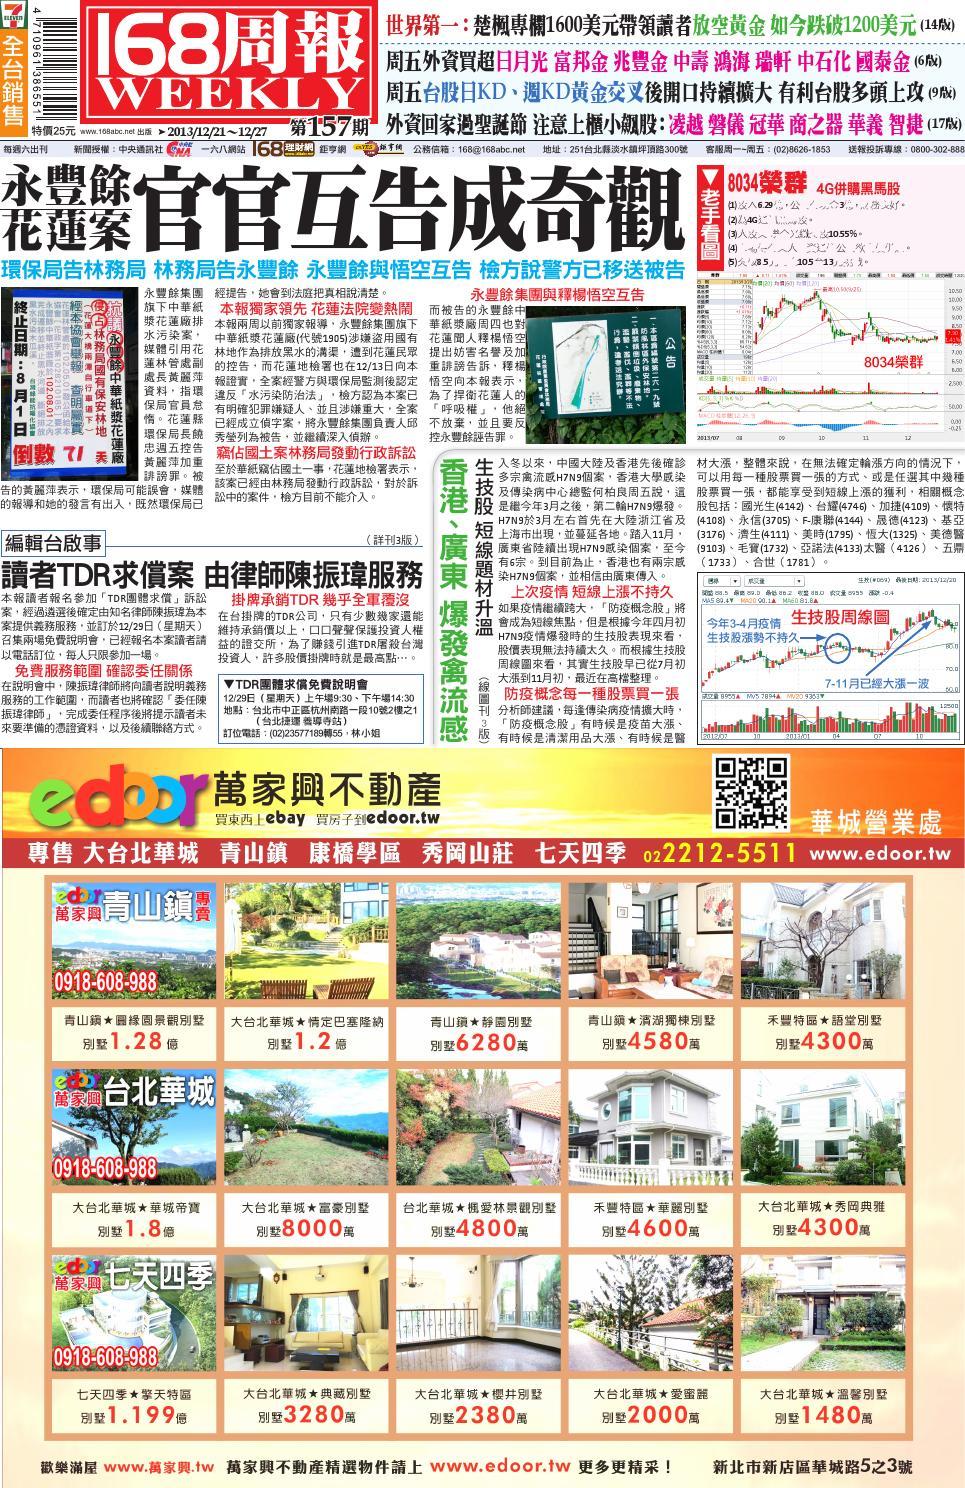 No 157 by 168網站股份有限公司 - Issuu